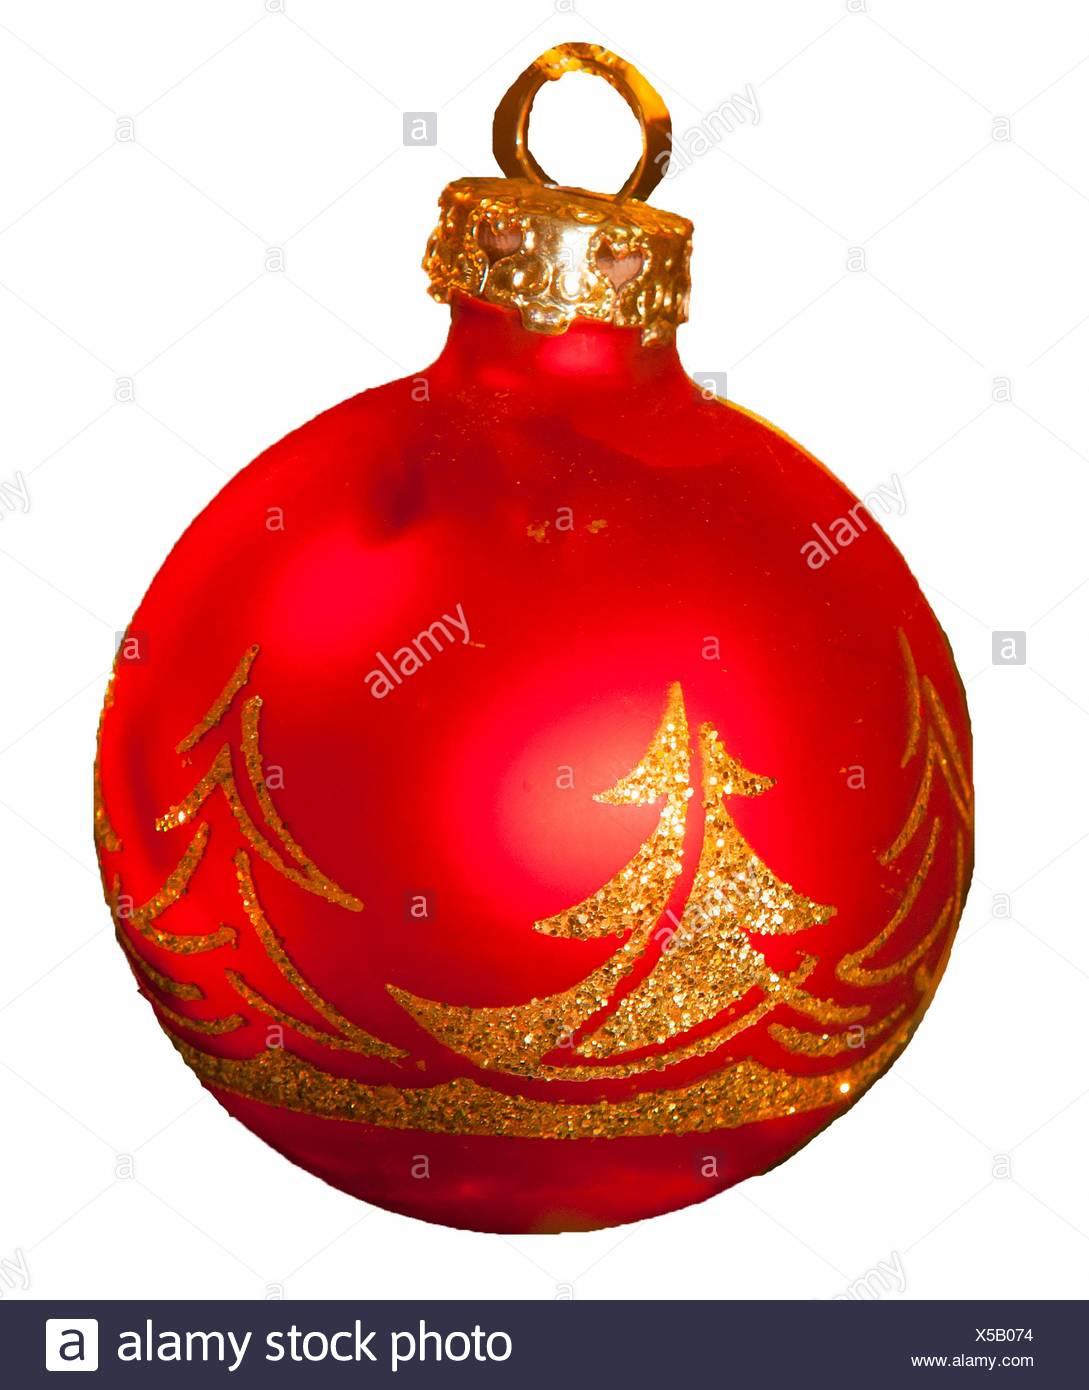 Bienenwachs Kerzen Und Weihnachtsbaum Kugel Fur Christbaumschmuck